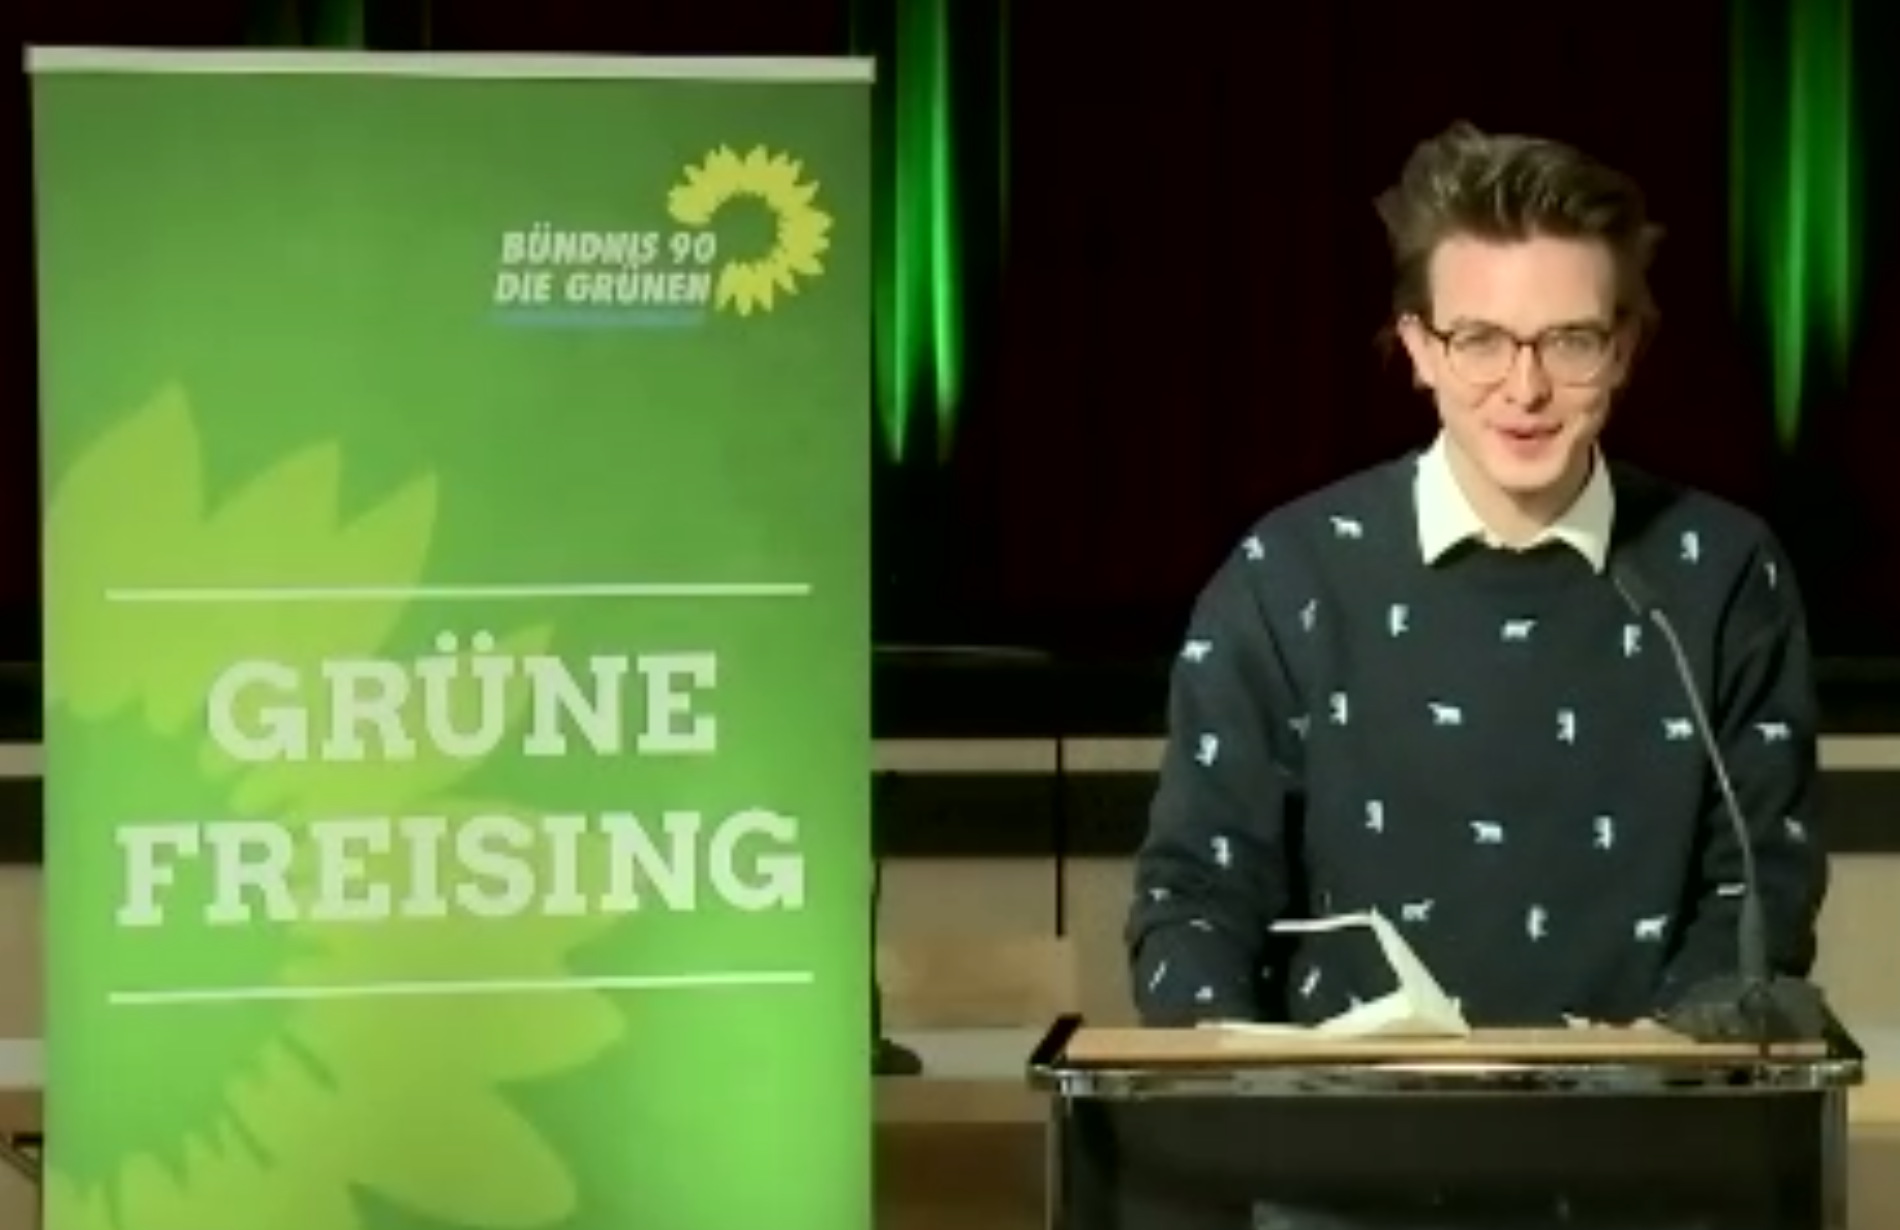 Ein Echinger ist unser vorläufiger Wahlkreiskandidat! Leon Eckert